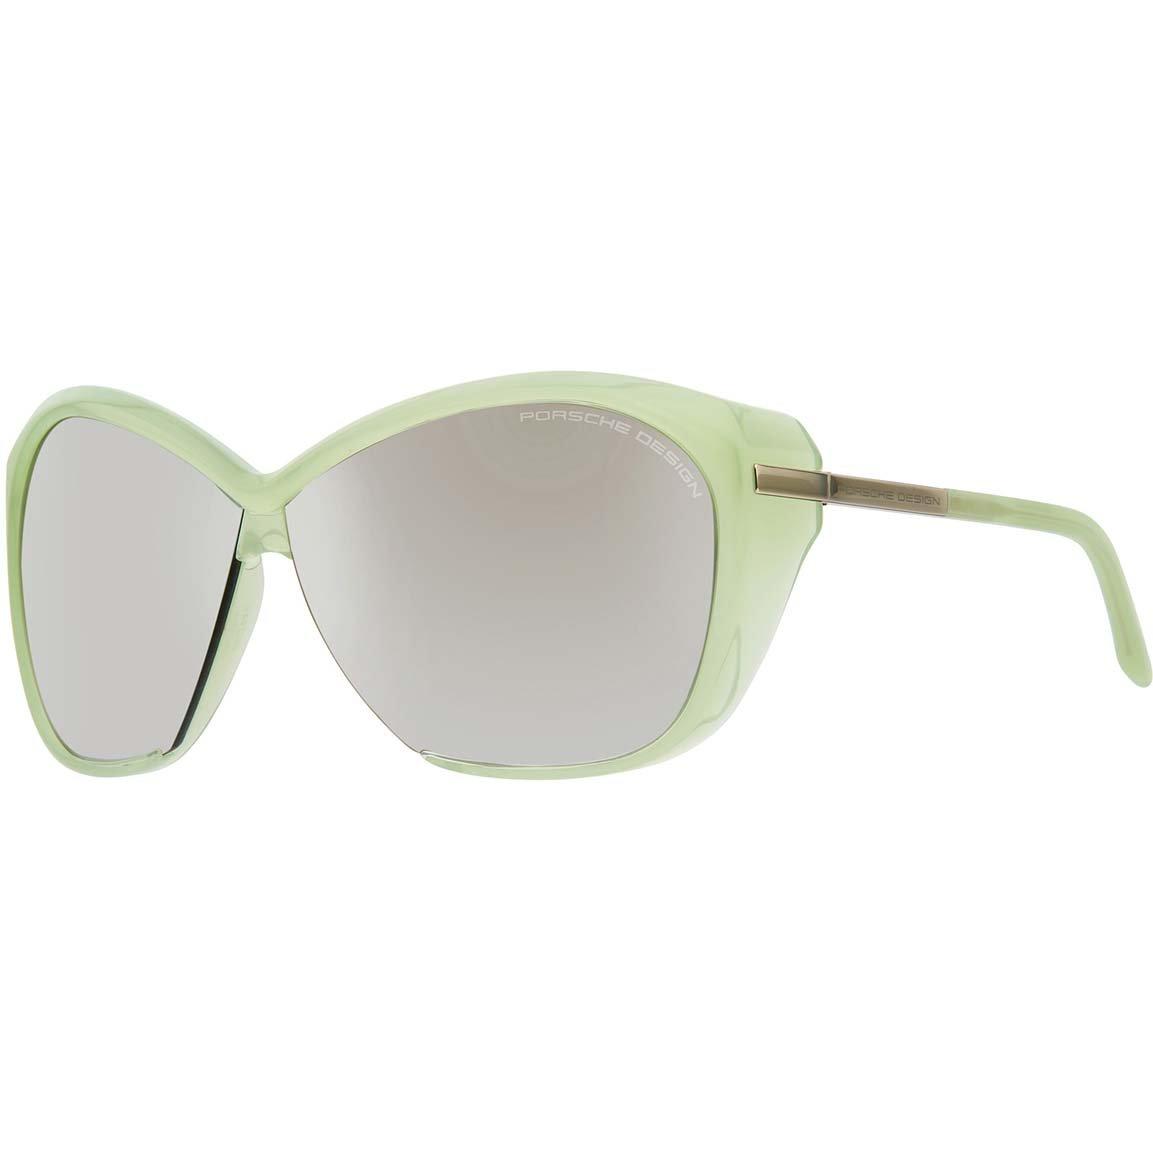 Porsche P8603 - Gafas de sol Mujer: Amazon.es: Ropa y accesorios